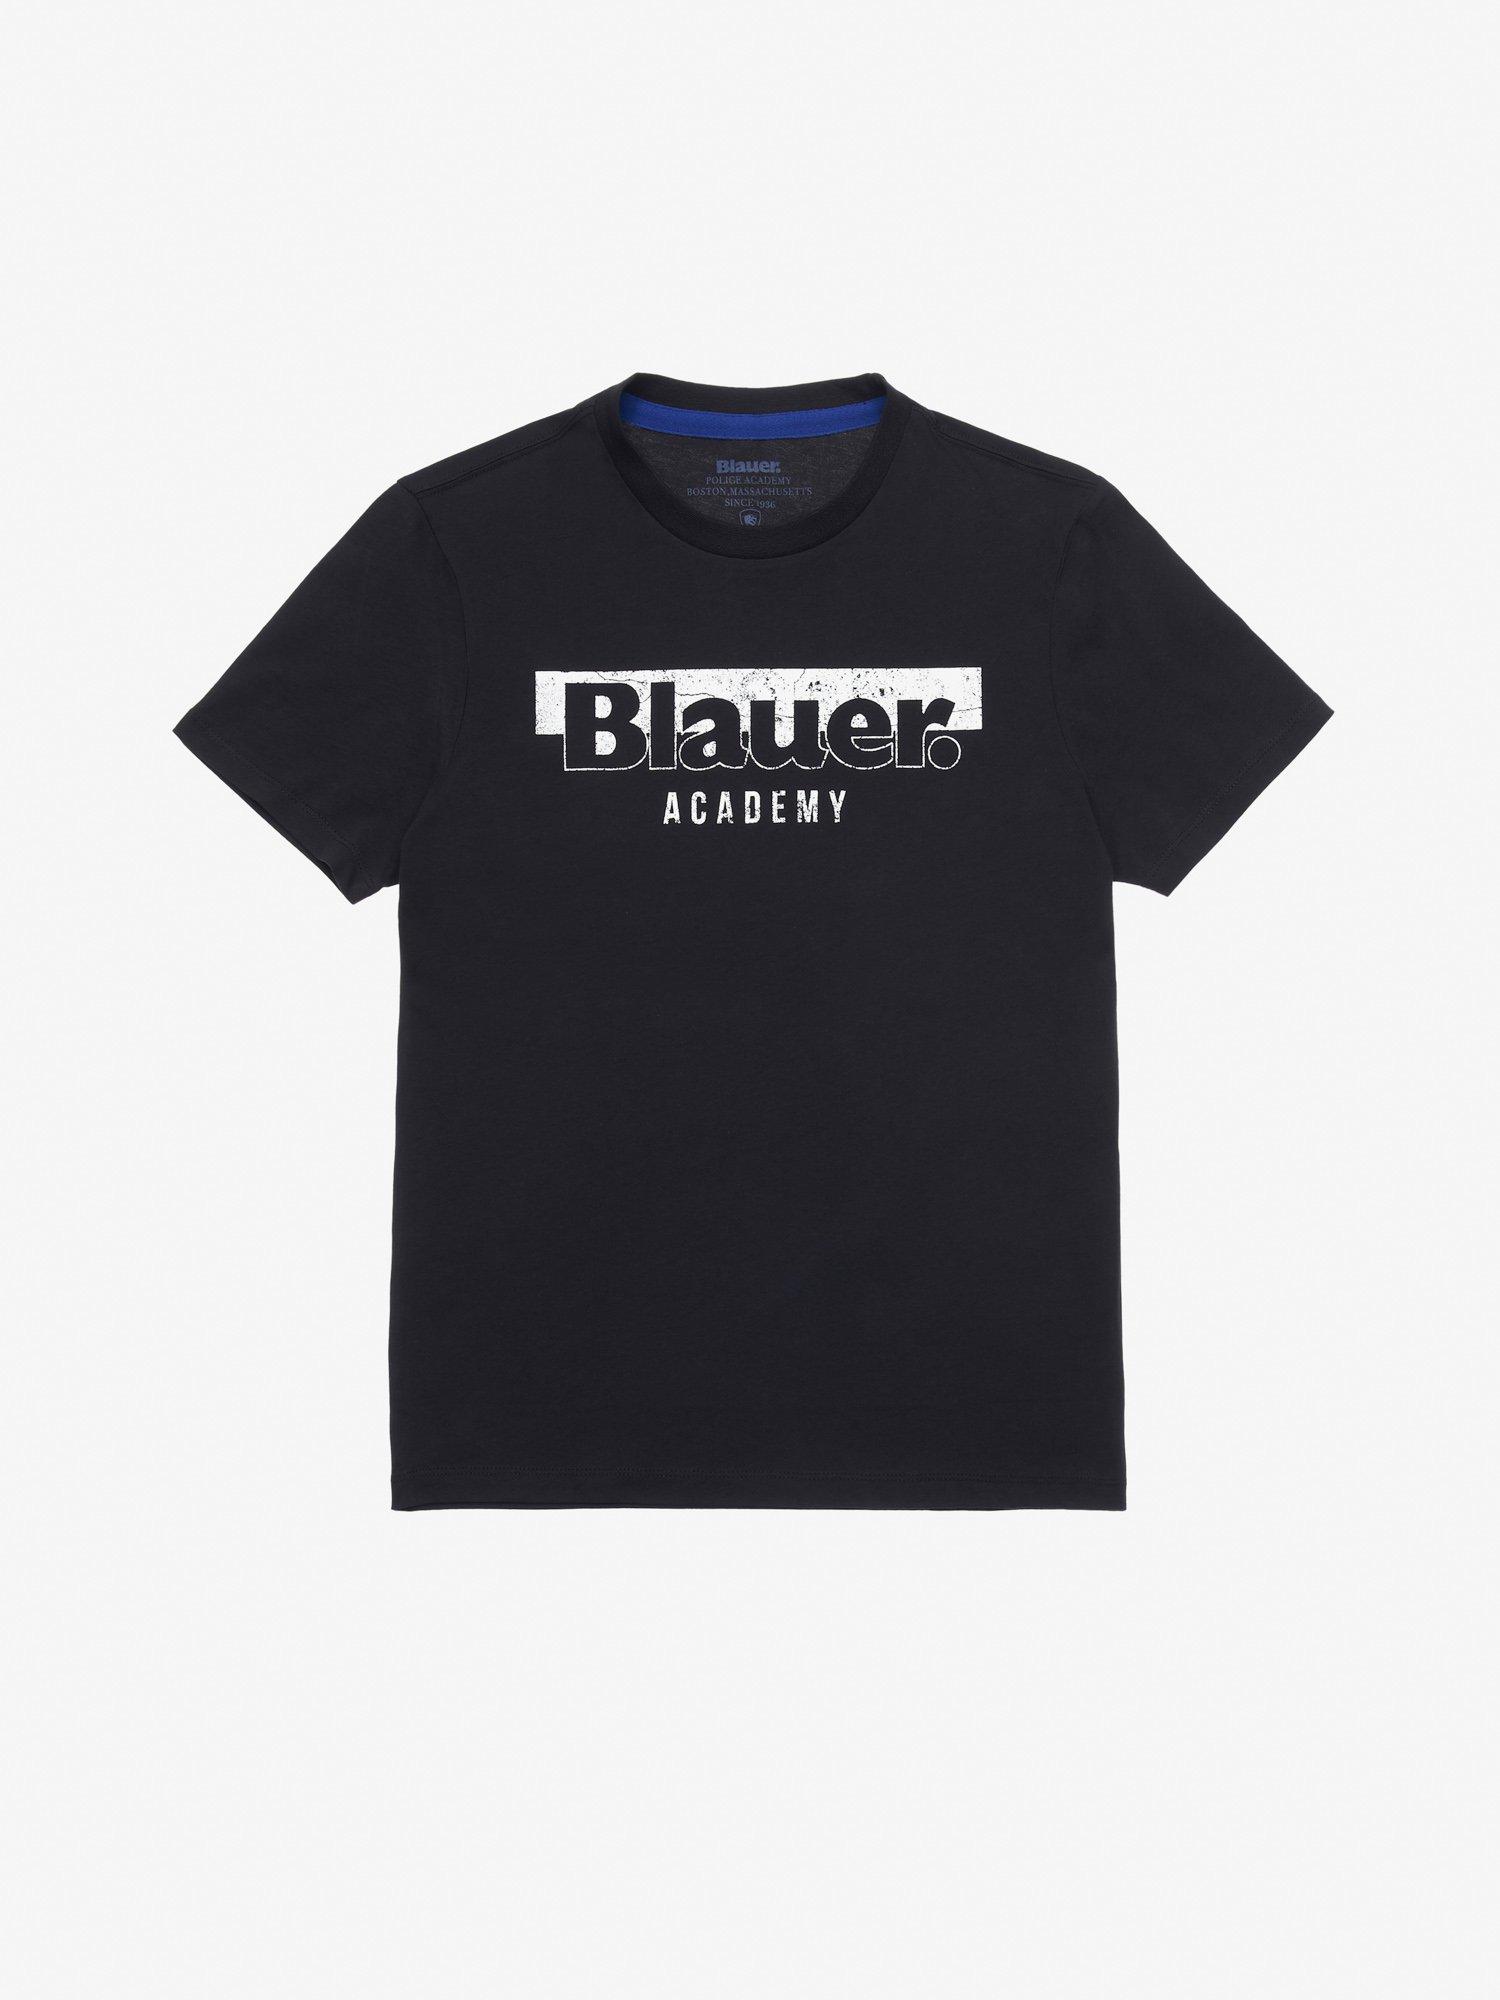 T-SHIRT BLAUER ACADEMY - Blauer